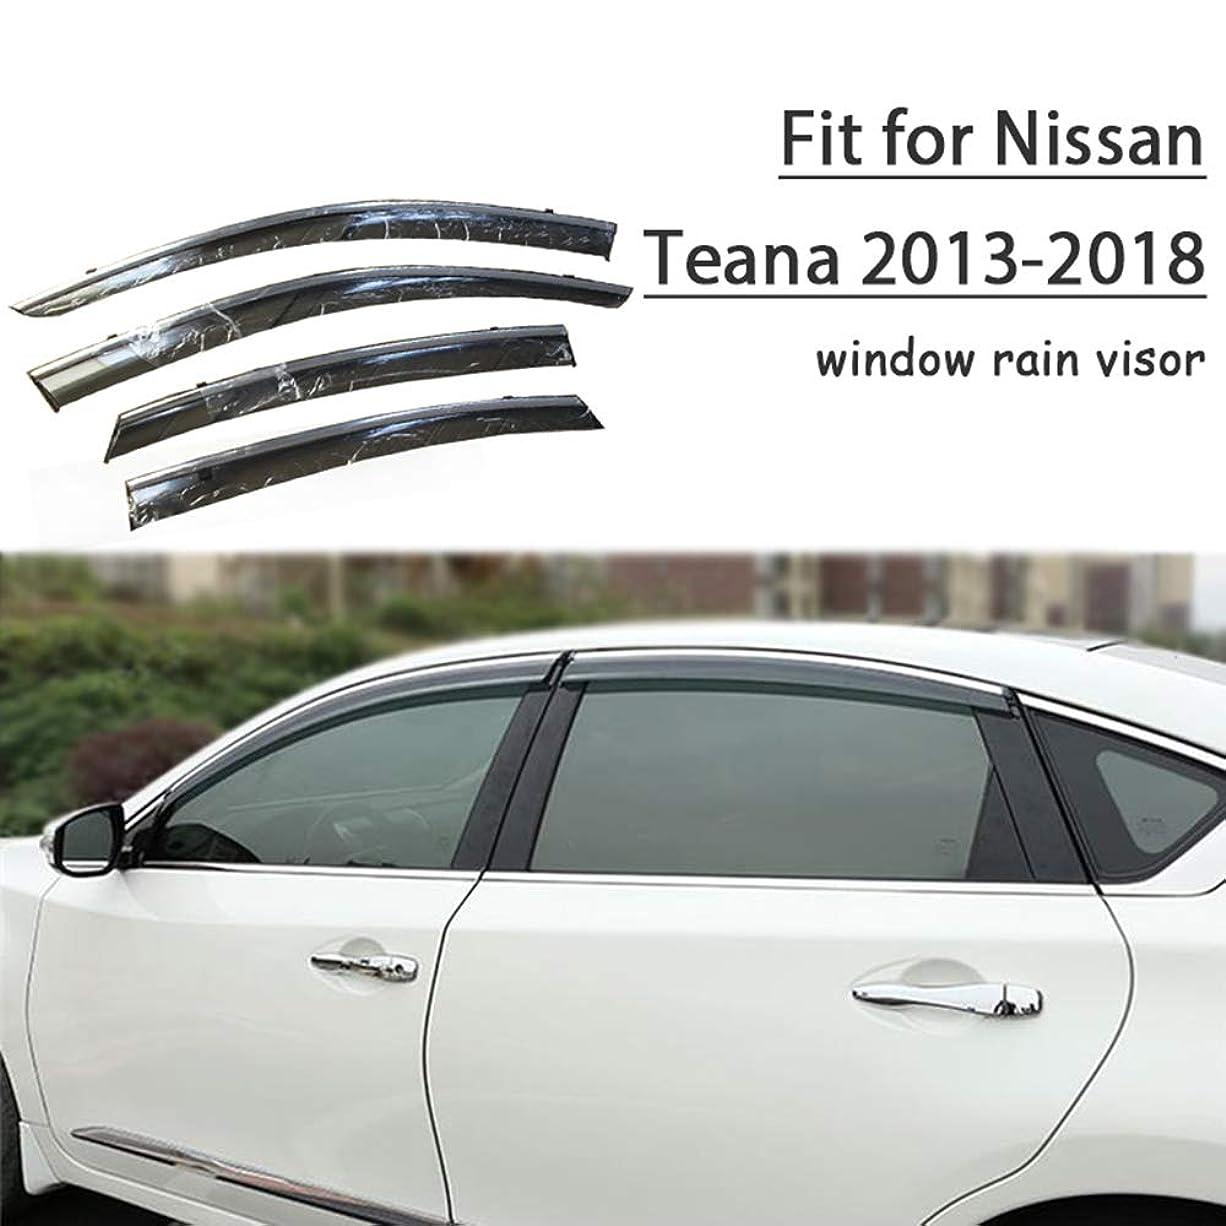 フットボール多分灰Piaobaige 日産ティアナL33 2013 2014 2015 2016 2017 2018の4個の車の窓太陽雨バイザーデフレクターガード